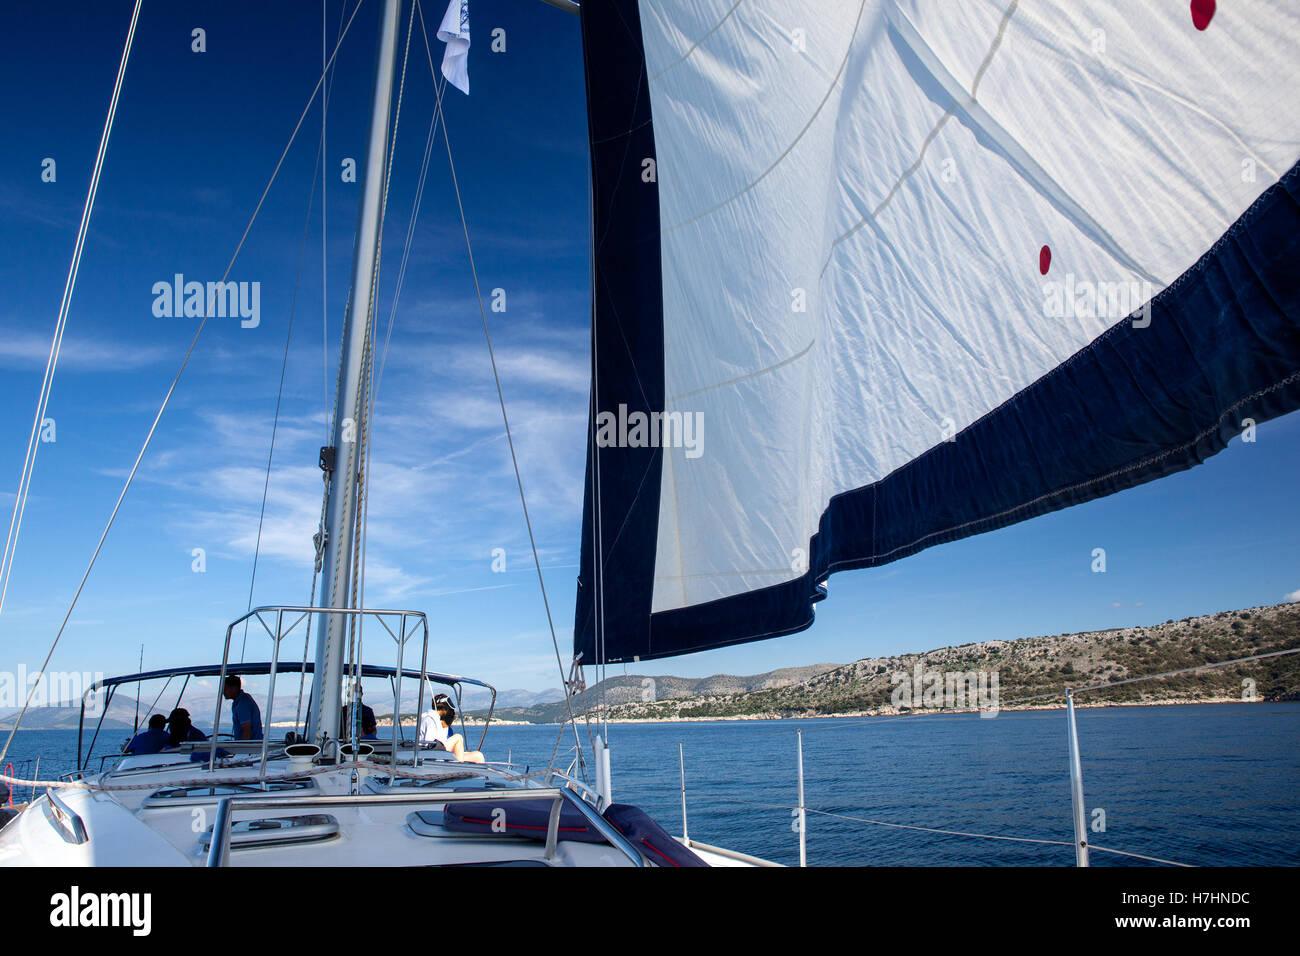 Yate, regata de veleros. Imagen De Stock